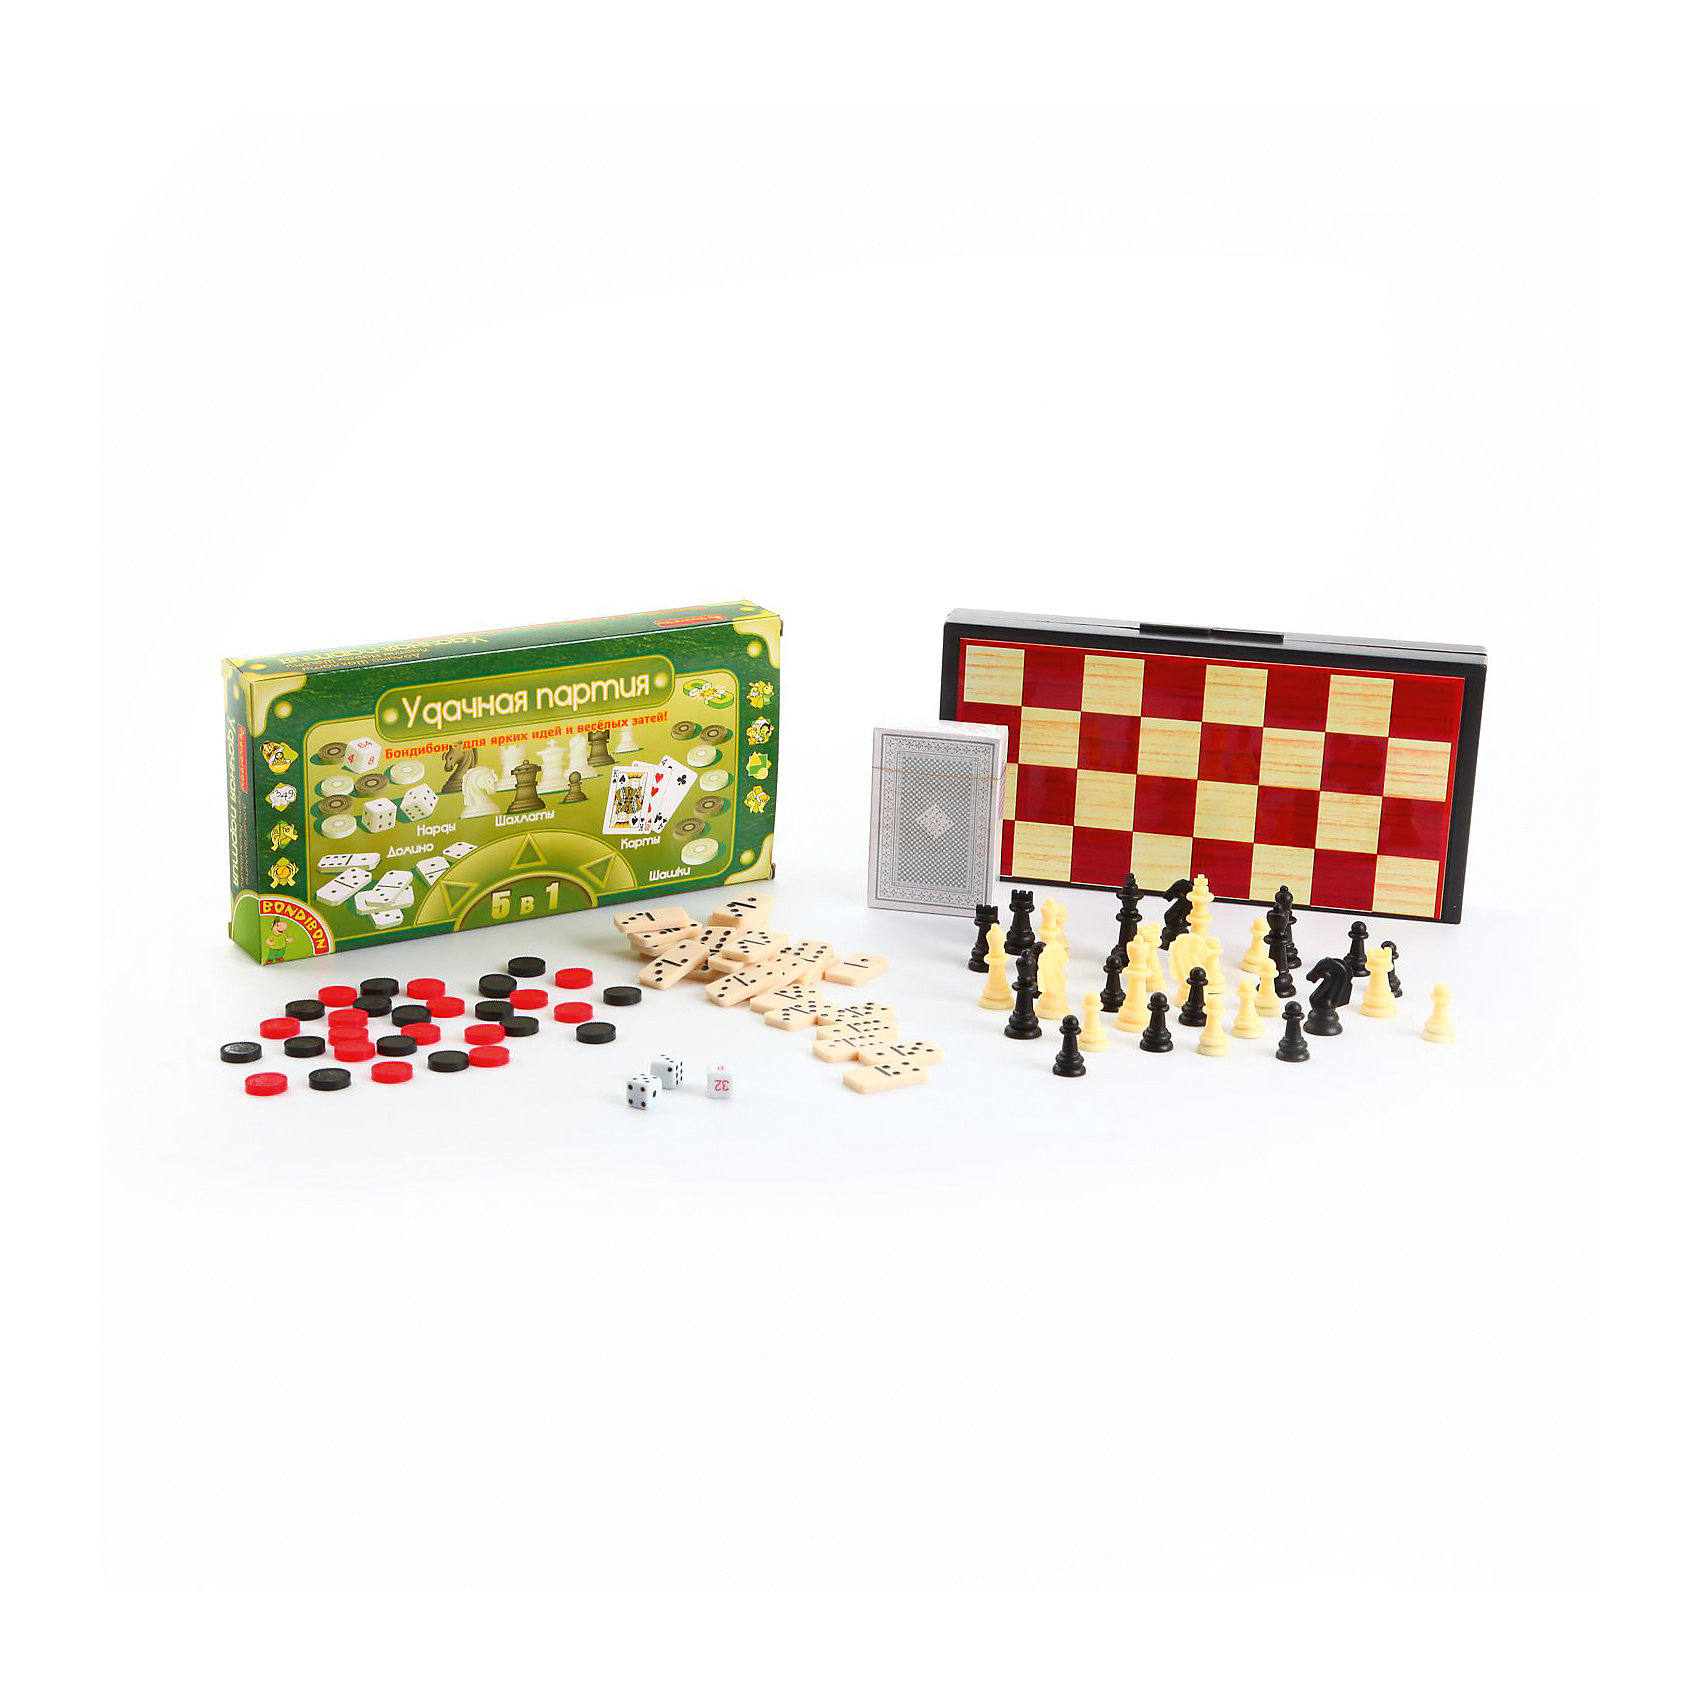 Настольная игра Удачная партия, BondibonНастольная игра Удачная партия, Bondibon (Бондибон).<br><br>Характеристики:<br><br>• В комплекте: игровое поле, 3 кубика, 30 шашек черного и красного цвета, 32 шахматные фигуры черного и белого цвета, 54 карты, 28 костяшек, правила игр<br>• Размер игрового поля: 24,5х24,5х1,5 см.<br>• Средняя высота шахматной фигуры: 2,5 см.<br>• Диаметр шашки: 1,5 см.<br>• Размер карты: 8,5х5,7 см.<br>• Размер костяшки: 3х1,6 см.<br>• Материал: нетоксичный пластик, прочный картон, магнит, металл<br>• Упаковка: прочная картонная коробка<br>• Размер упаковки: 13х25х3,5 см.<br>• Вес: 480 гр.<br><br>Вы не знаете, как скоротать длинную дорогу в поезде, что взять с собой на пляж, чтобы не грустить? Отличный вариант – набор «Удачная партия», в котором есть сразу пять самых популярных настольных игр всех времен и народов – шахматы, шашки, нарды, карты и домино. Все необходимое для игр хранится в пластиковом кейсе, состоящем из двух частей. <br><br>Внутренняя часть представляет собой поле для игры в нарды, внешняя - поле для игры в шахматы или шашки. Для удобства шашки, фишки и шахматные фигуры изготовлены с магнитами и не потеряются на свежем воздухе или в дороге. Вечные ценности в одном комплекте, это ли не мечта интеллектуала?<br><br>Настольную игру Удачная партия, Bondibon (Бондибон) можно купить в нашем интернет-магазине.<br><br>Ширина мм: 250<br>Глубина мм: 40<br>Высота мм: 130<br>Вес г: 519<br>Возраст от месяцев: 60<br>Возраст до месяцев: 2147483647<br>Пол: Унисекс<br>Возраст: Детский<br>SKU: 5451753